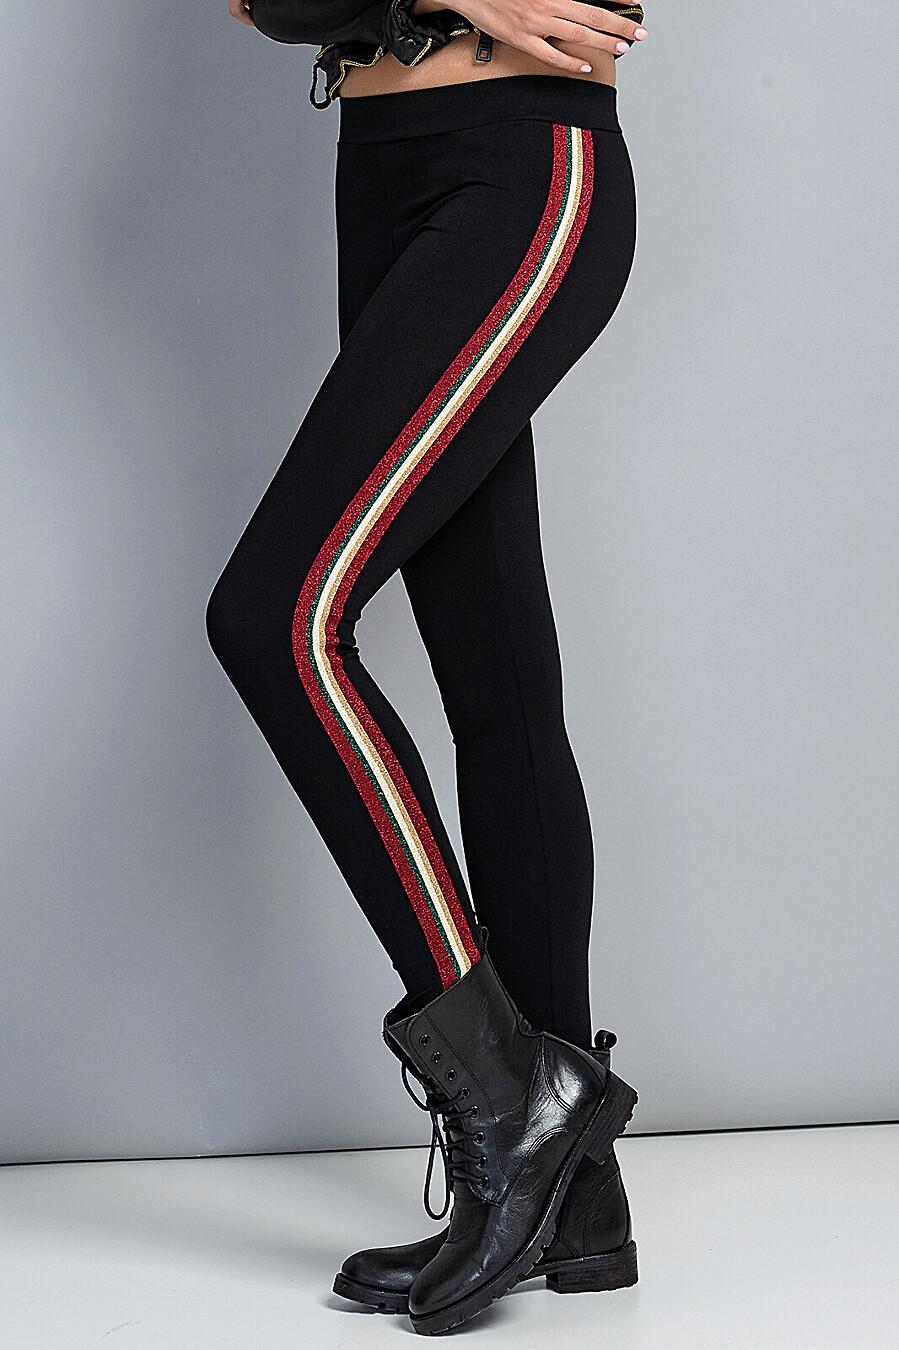 Легинсы для женщин JADEA 157153 купить оптом от производителя. Совместная покупка женской одежды в OptMoyo